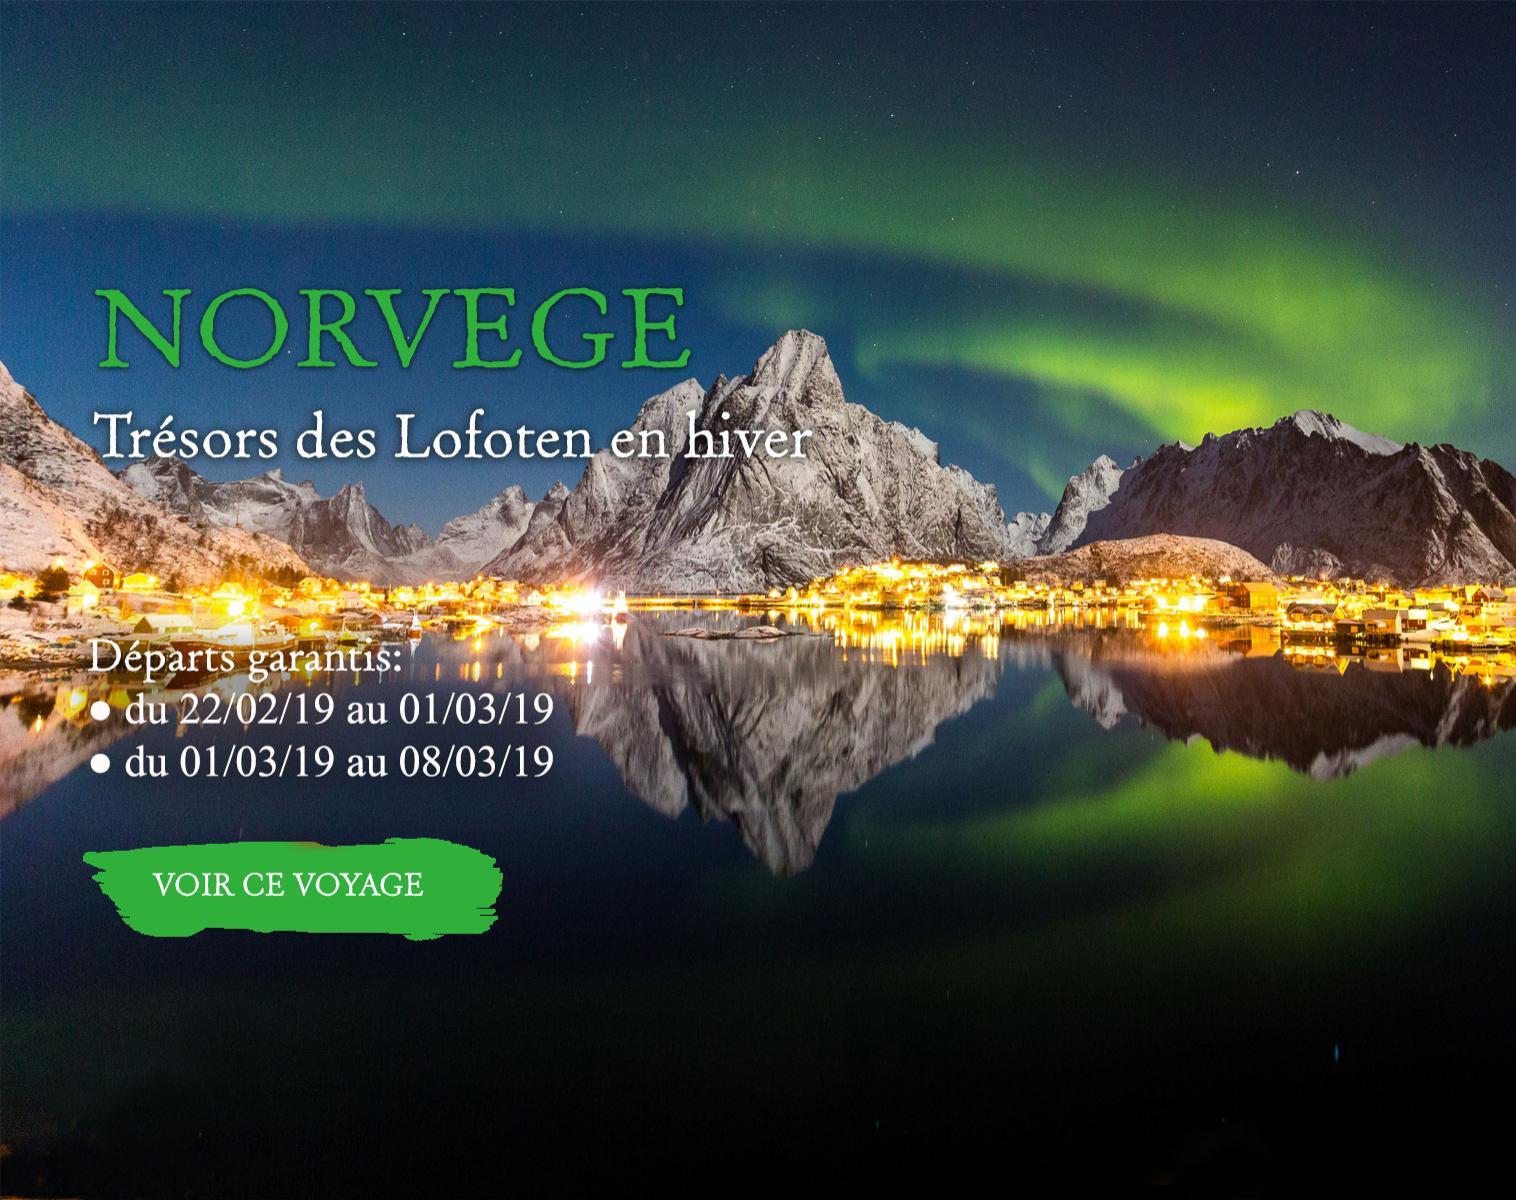 Norvège, trésors des Lofoten en hiver